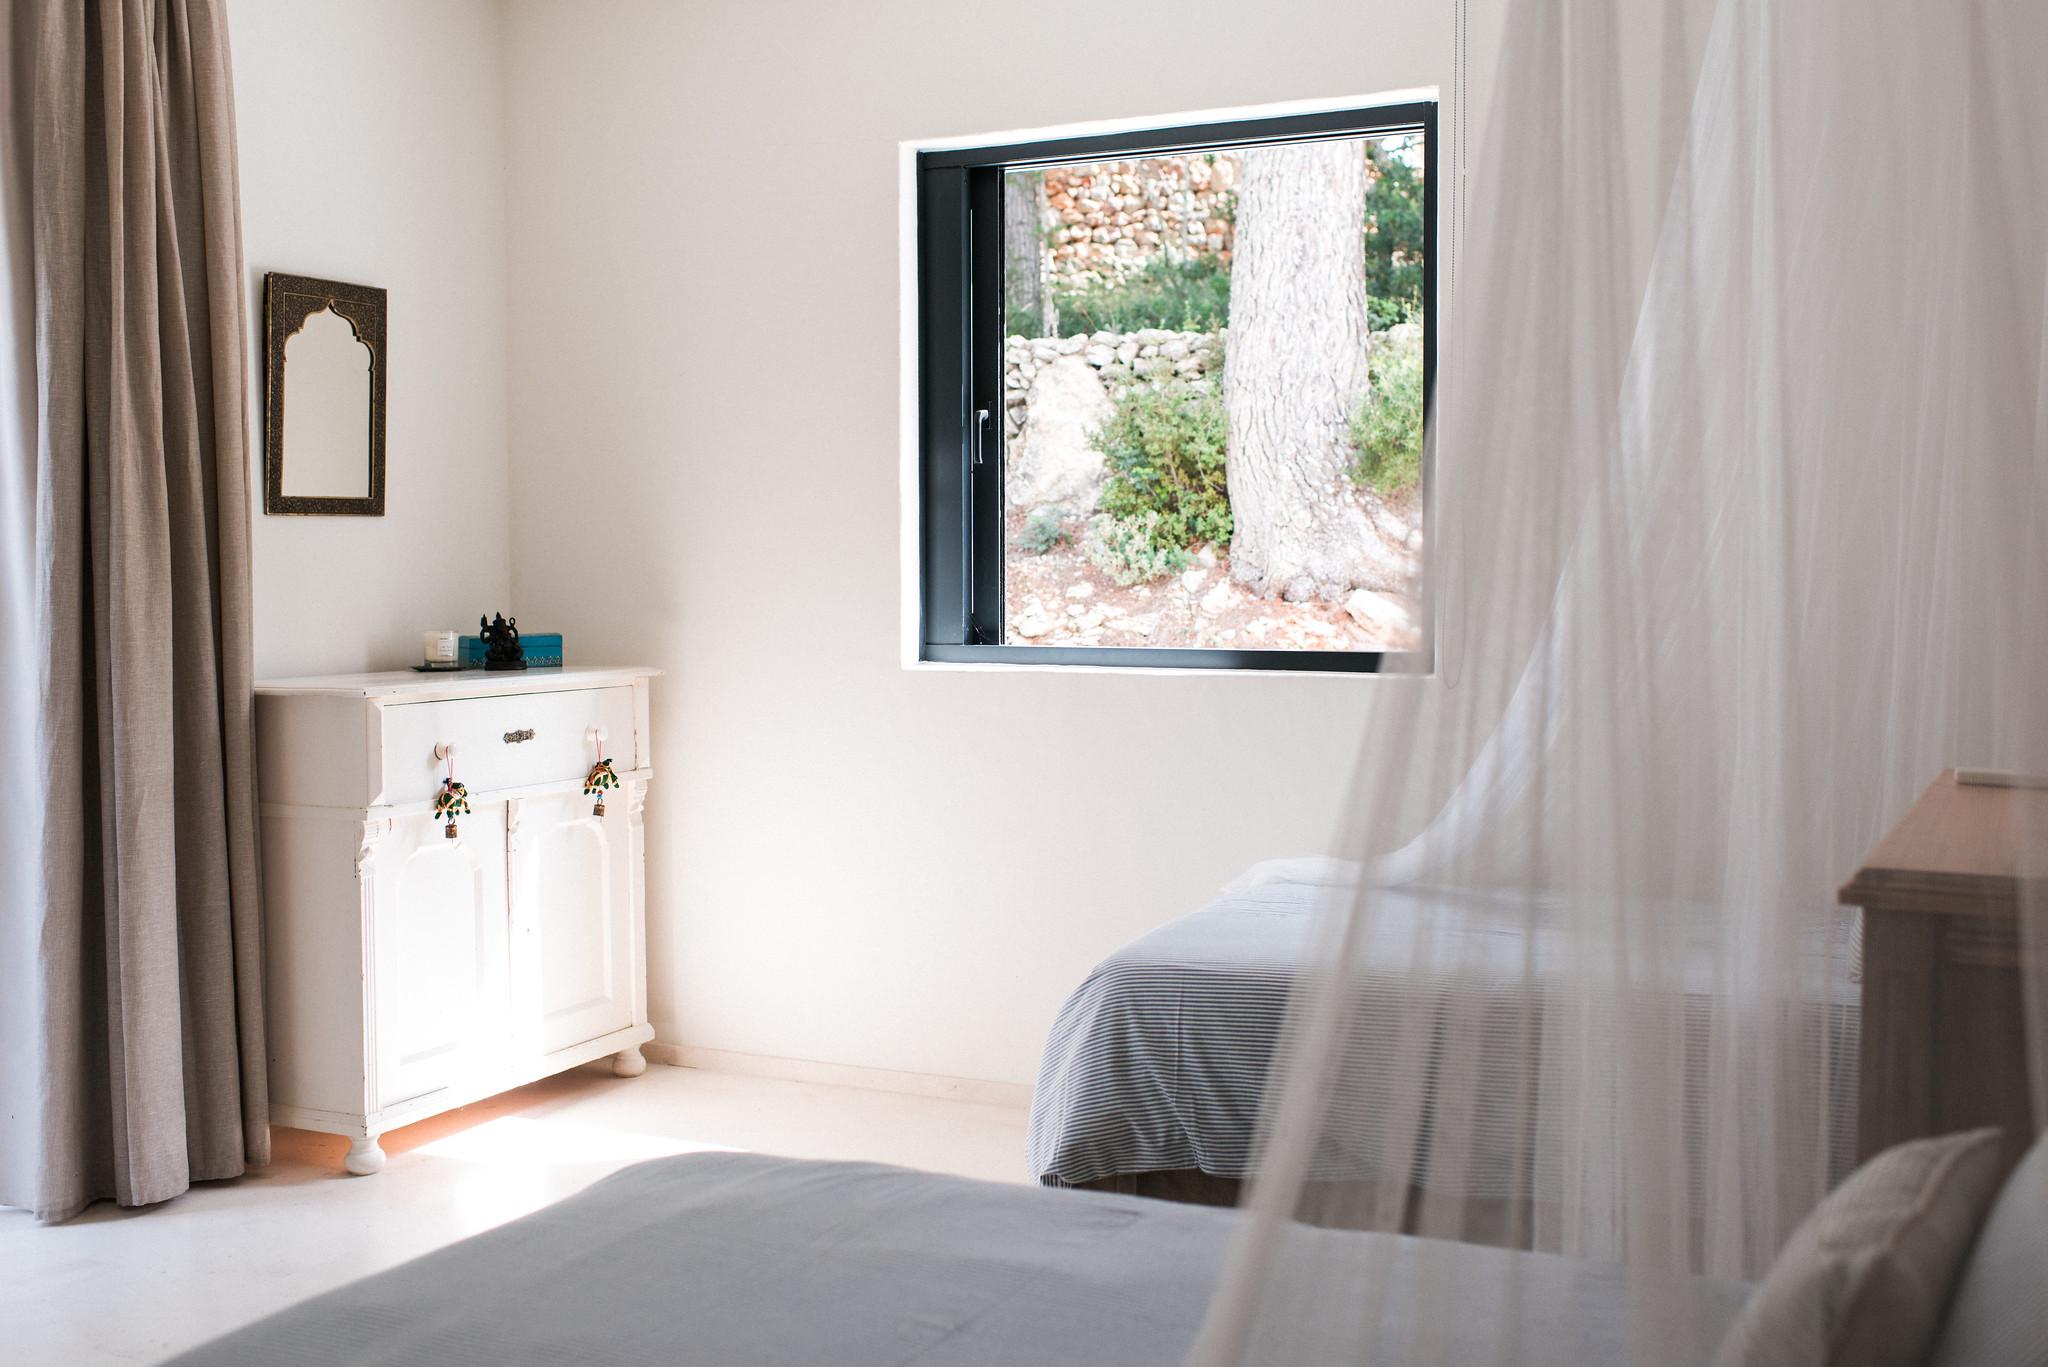 https://www.white-ibiza.com/wp-content/uploads/2020/05/white-ibiza-villas-casa-estrella-interior-twin-room2.jpg